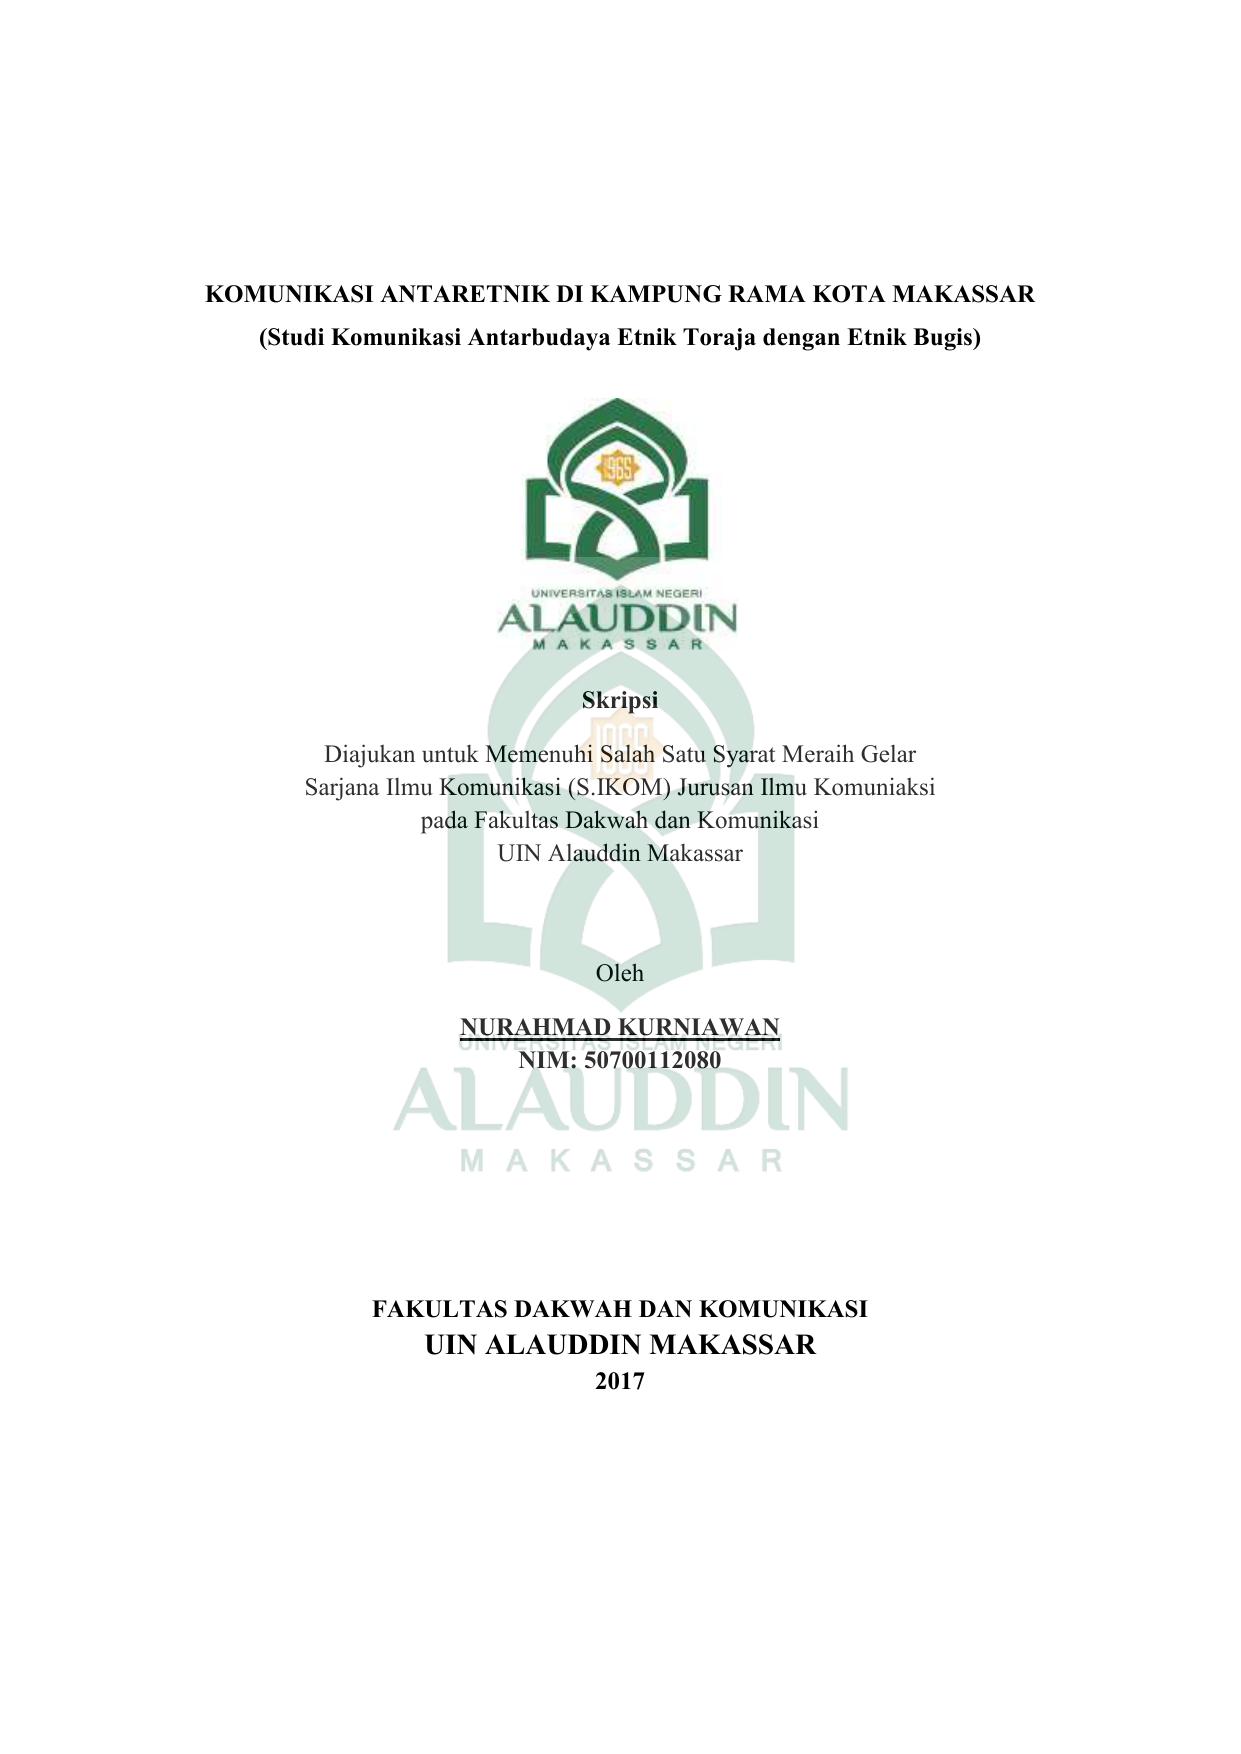 A Eka Fitrianti Hasan Uin Alauddin Makassar 2017